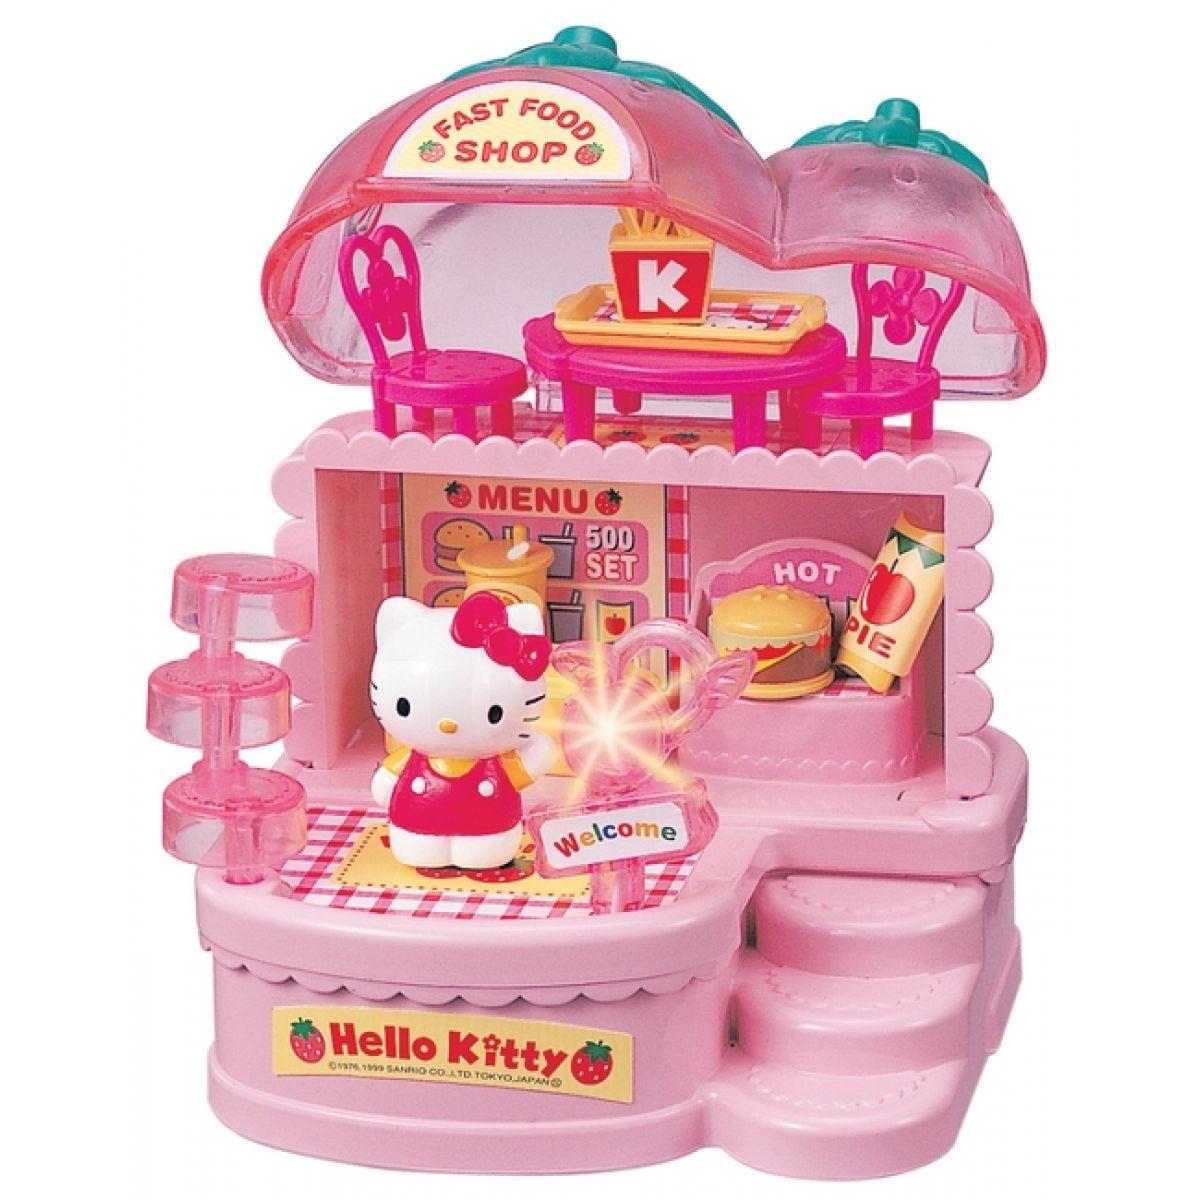 EPLine EP01059 - Hello Kitty fast food - Rychlé občerstvení - Cukrárna